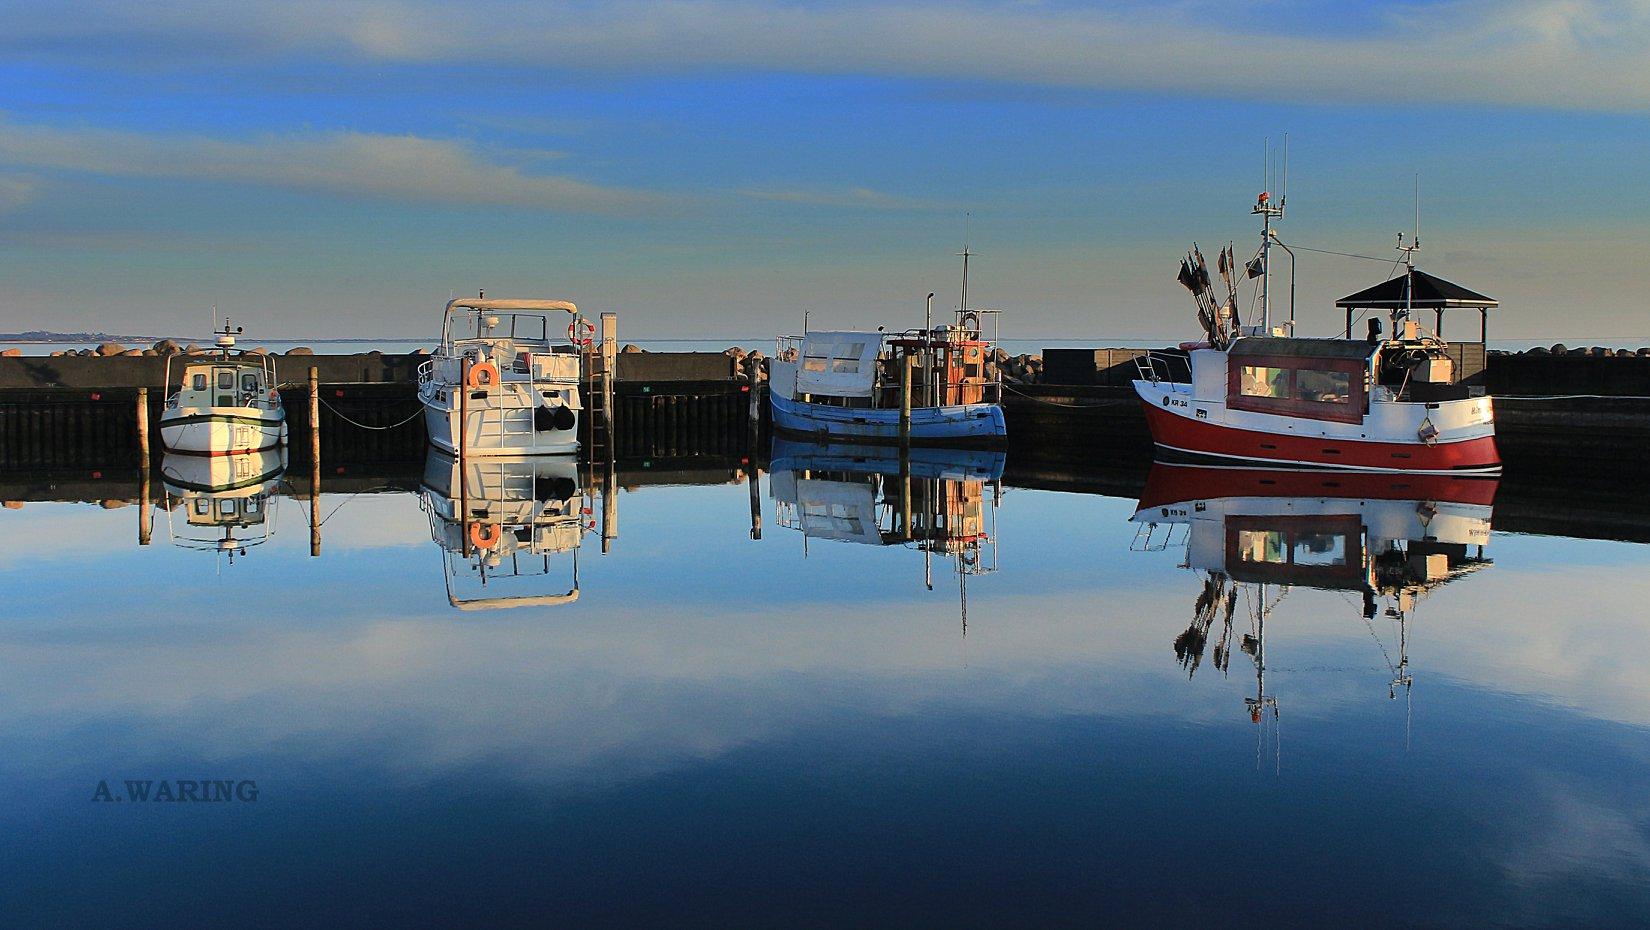 havn v_Alan Waring